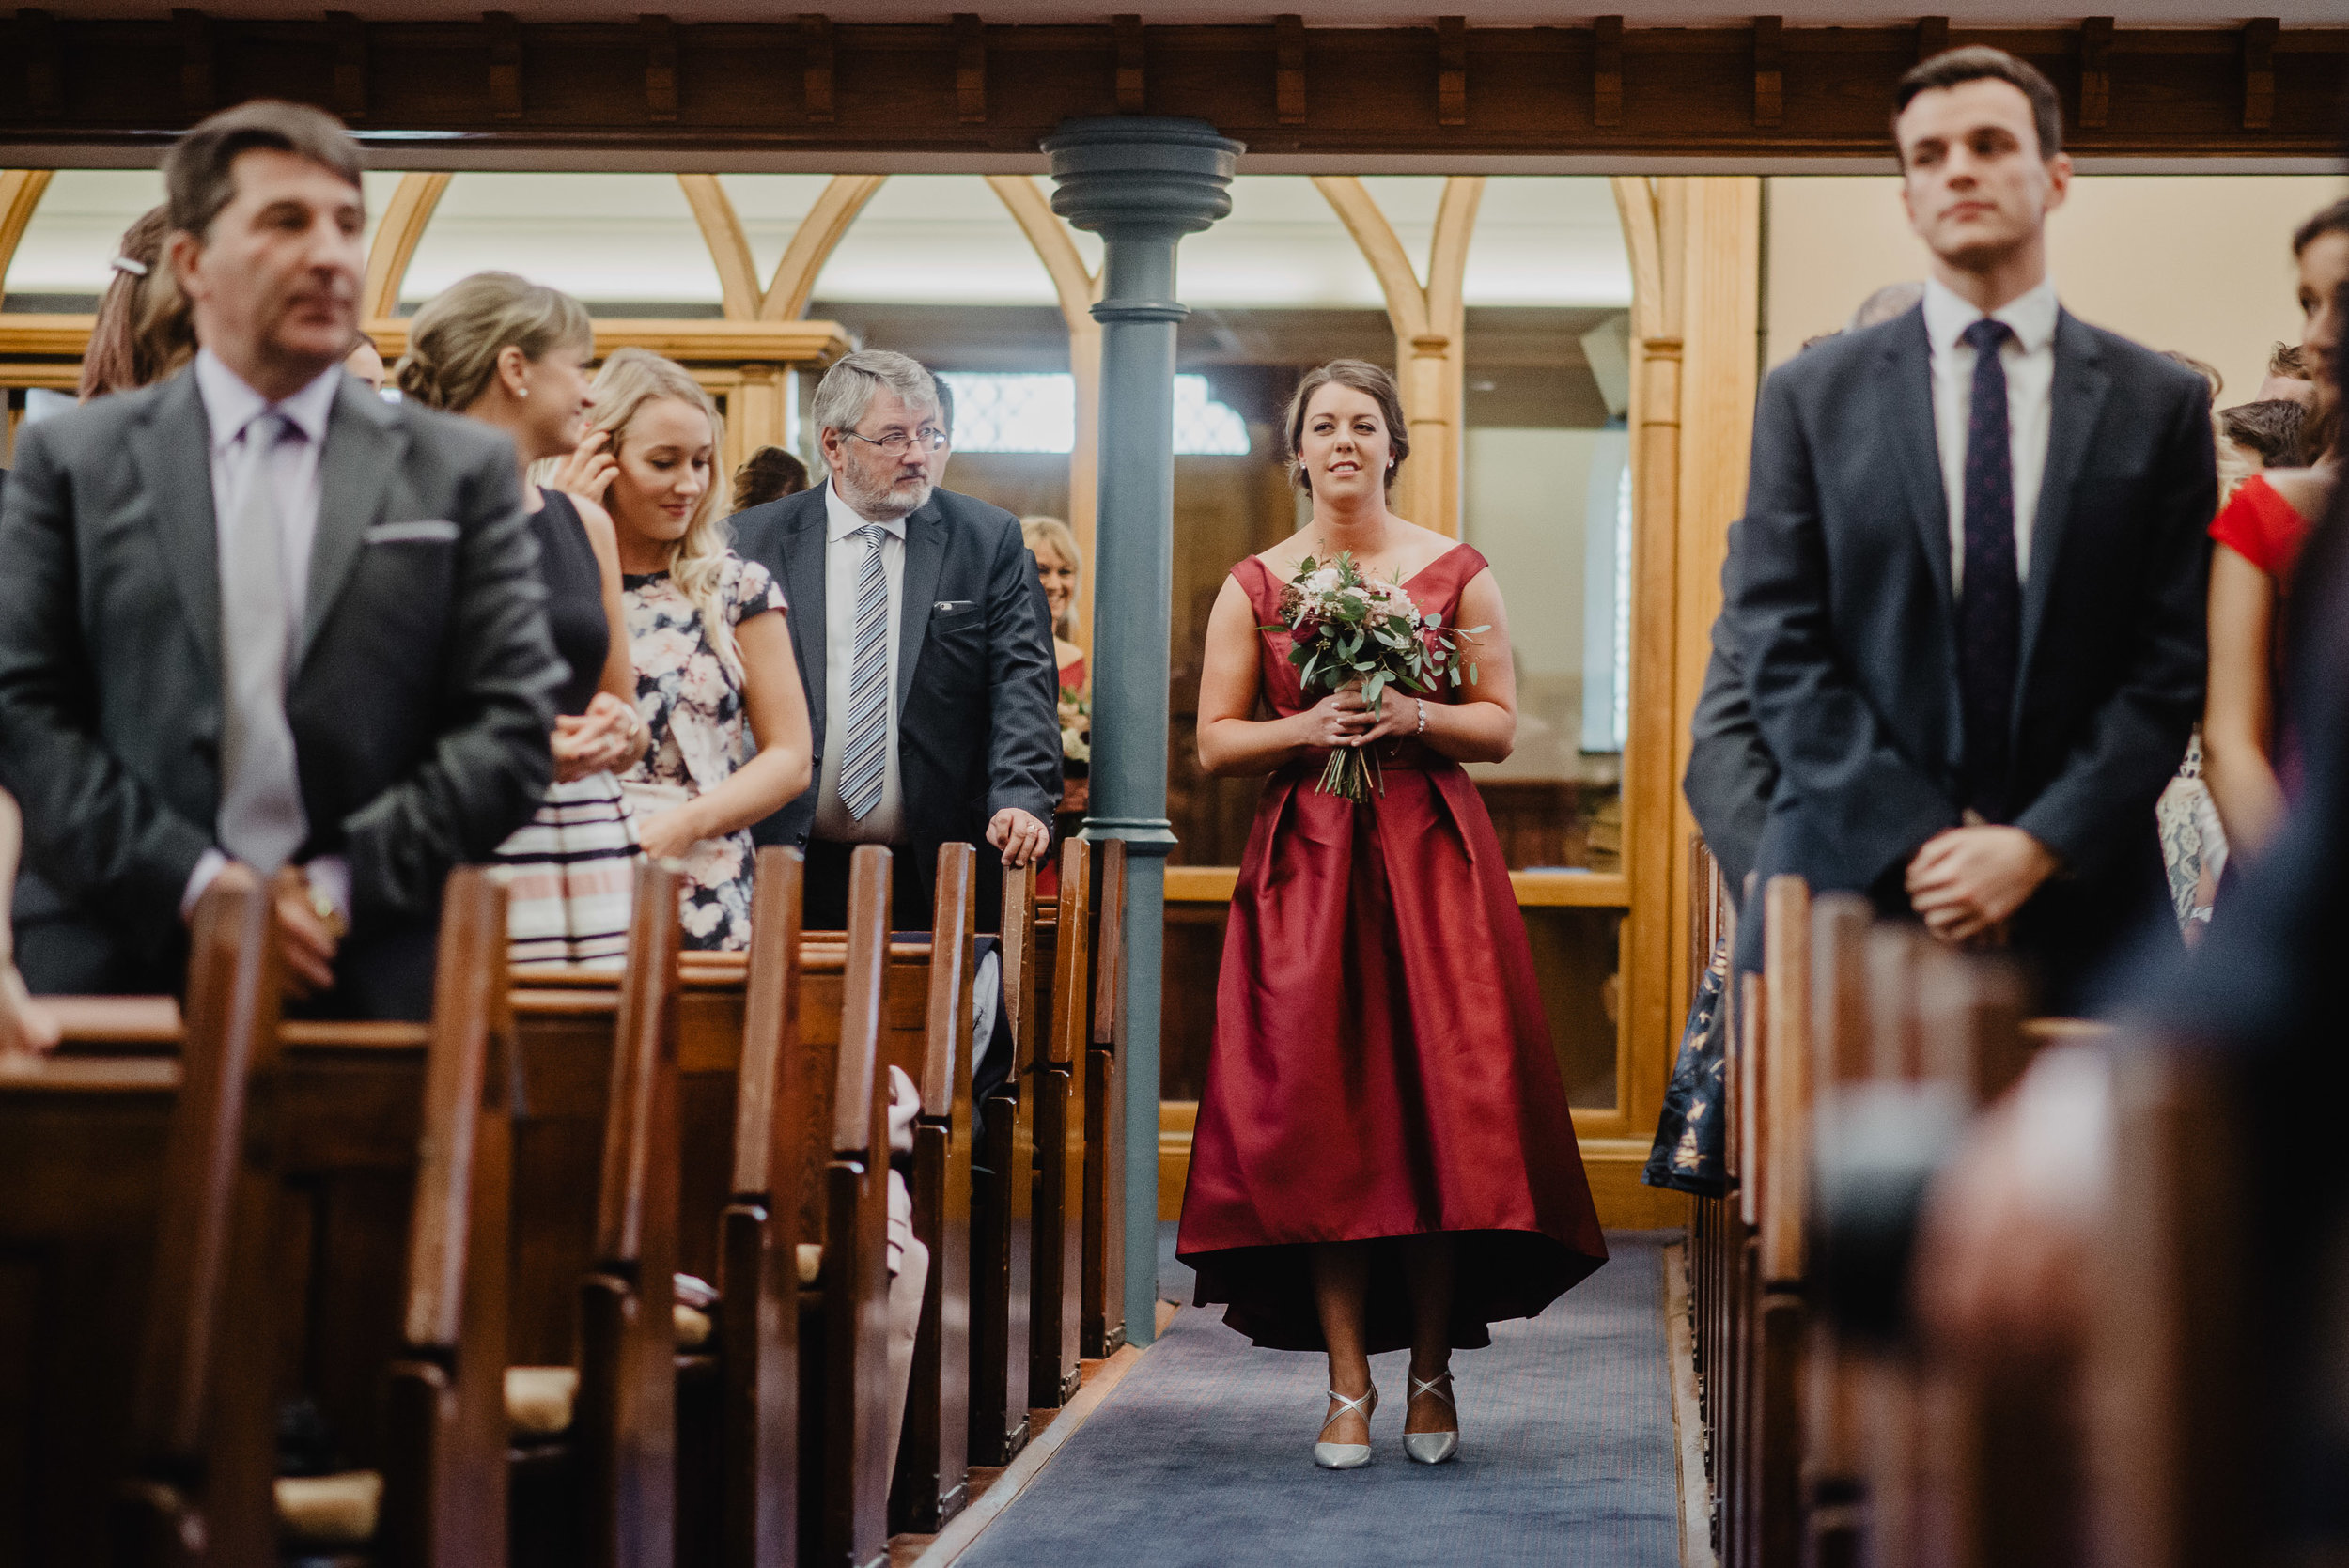 larchfield estate wedding photos-40.jpg